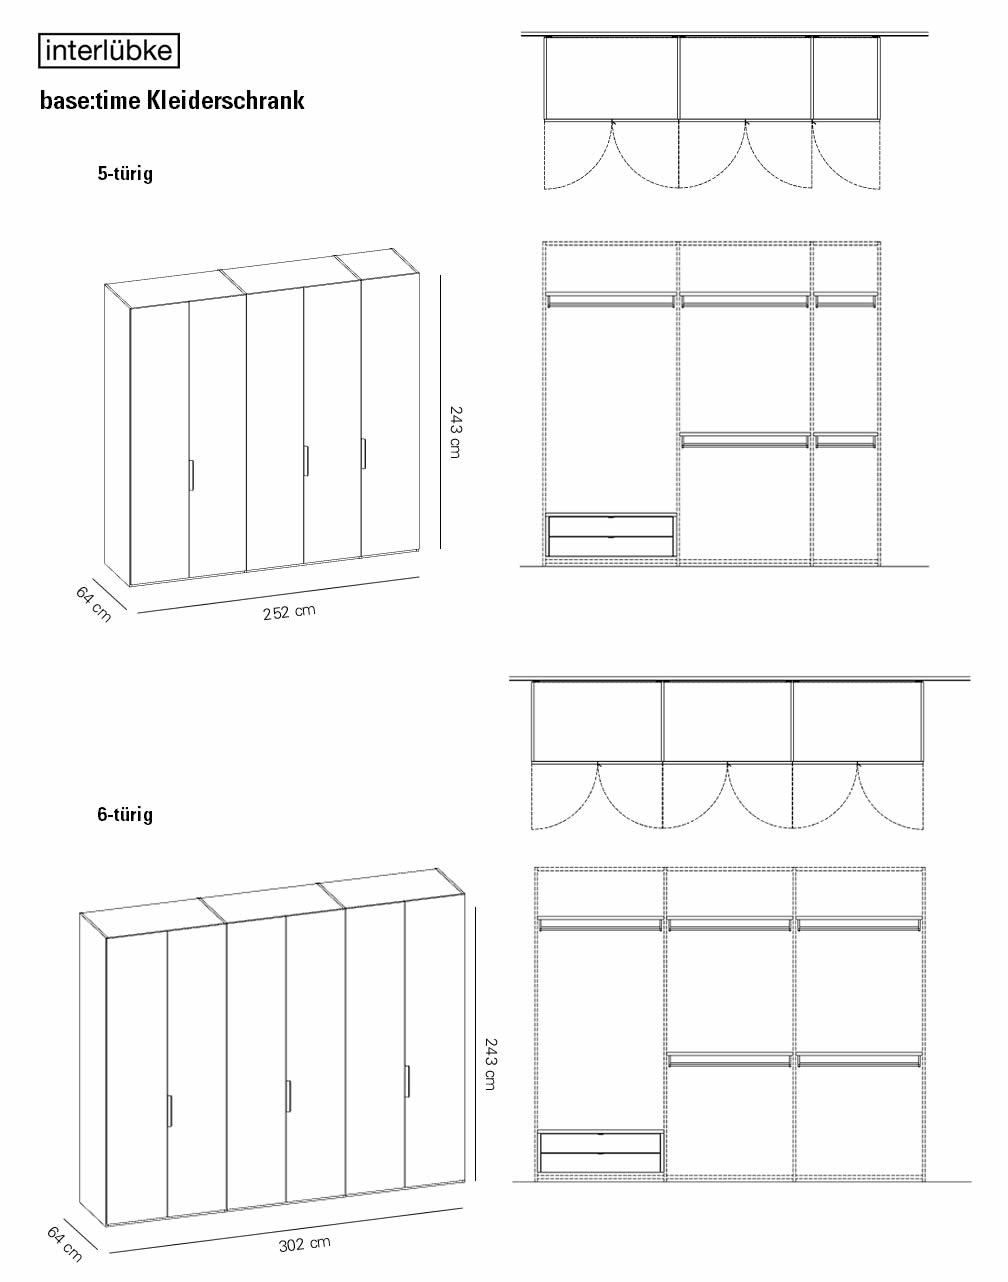 interluebke-kleiderschrank-base-abmessungen